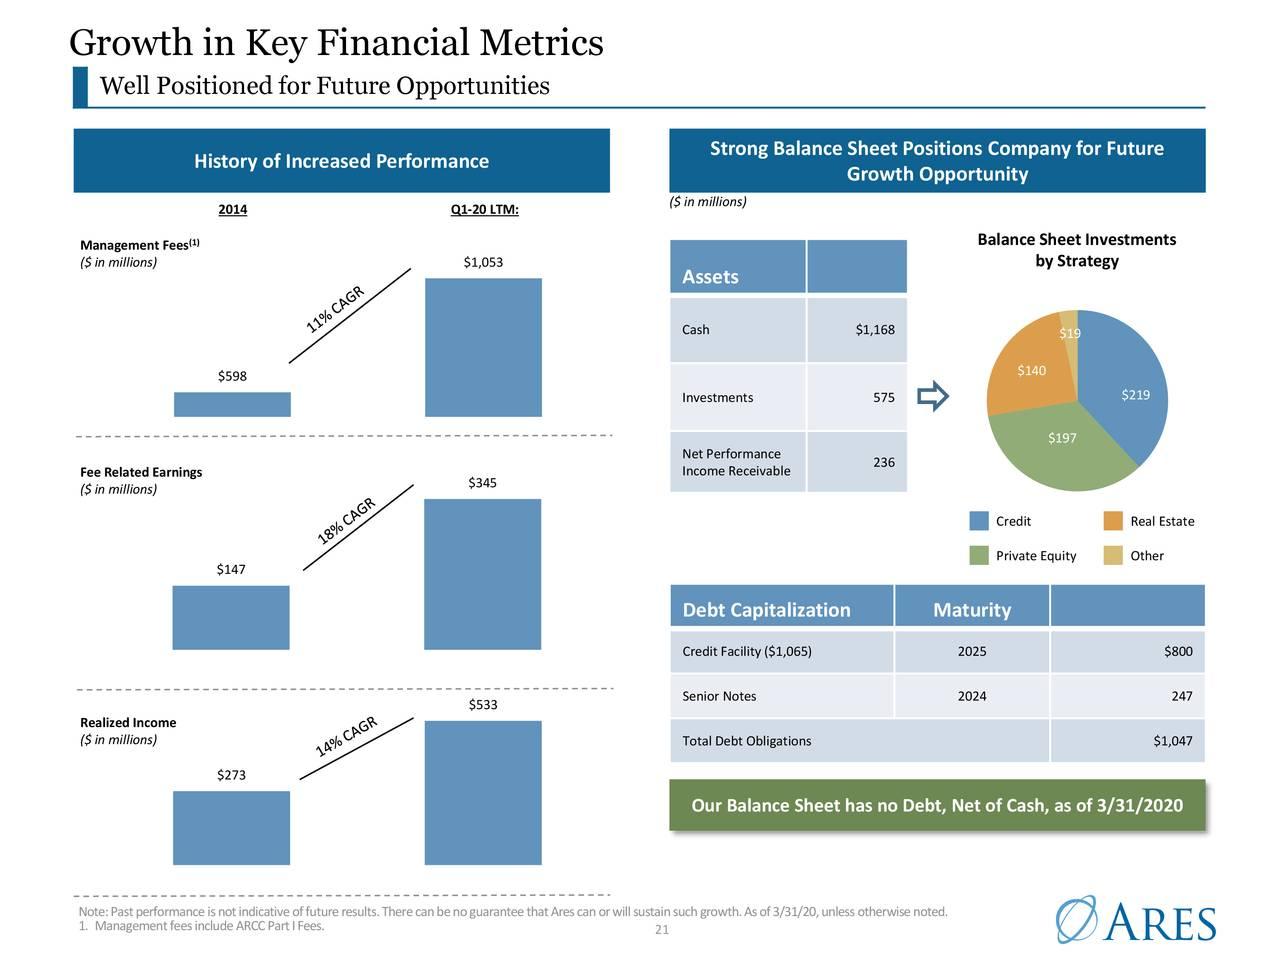 Crecimiento en métricas financieras clave